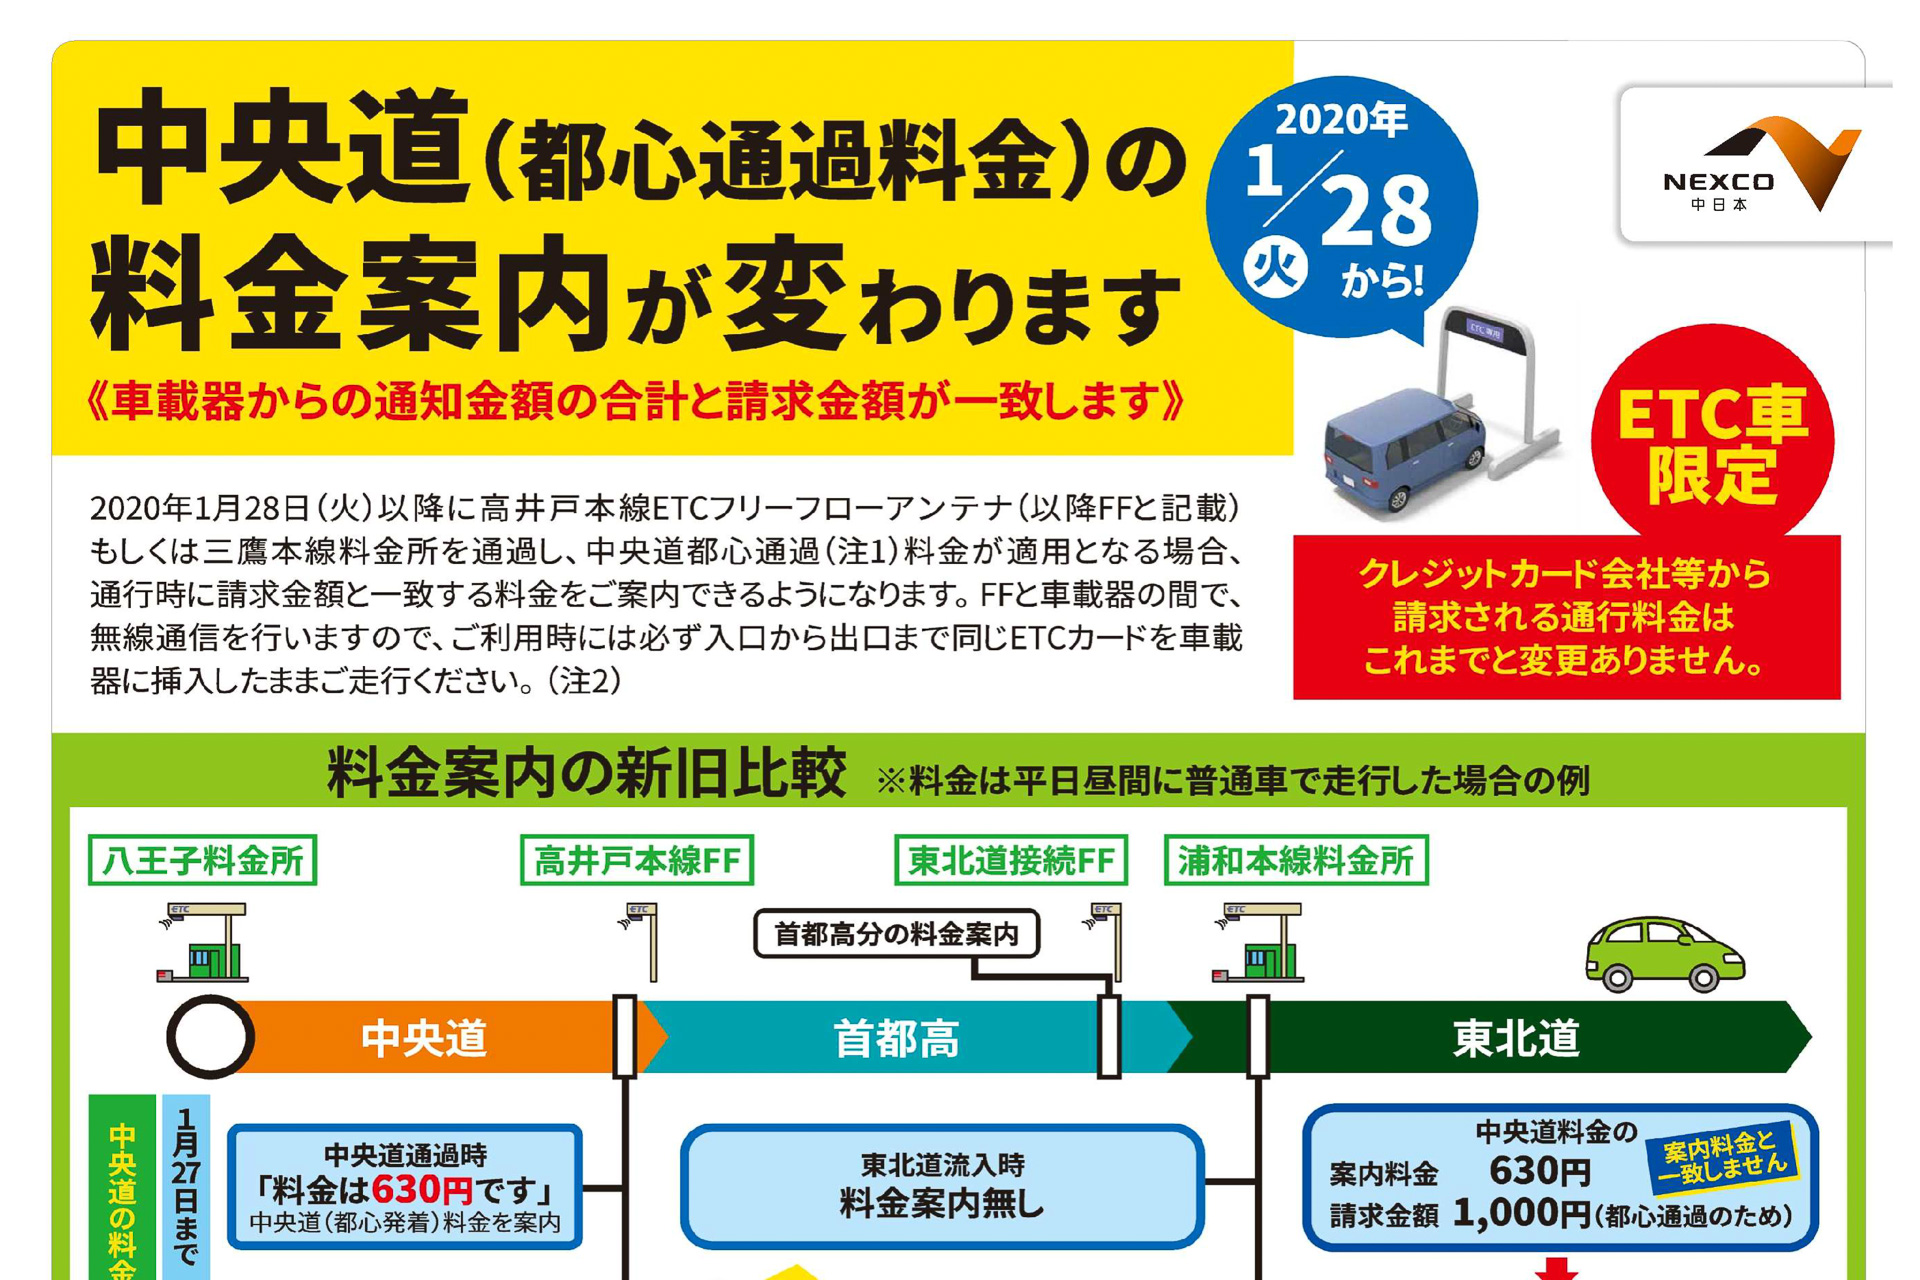 料金 ネクスコ 中 日本